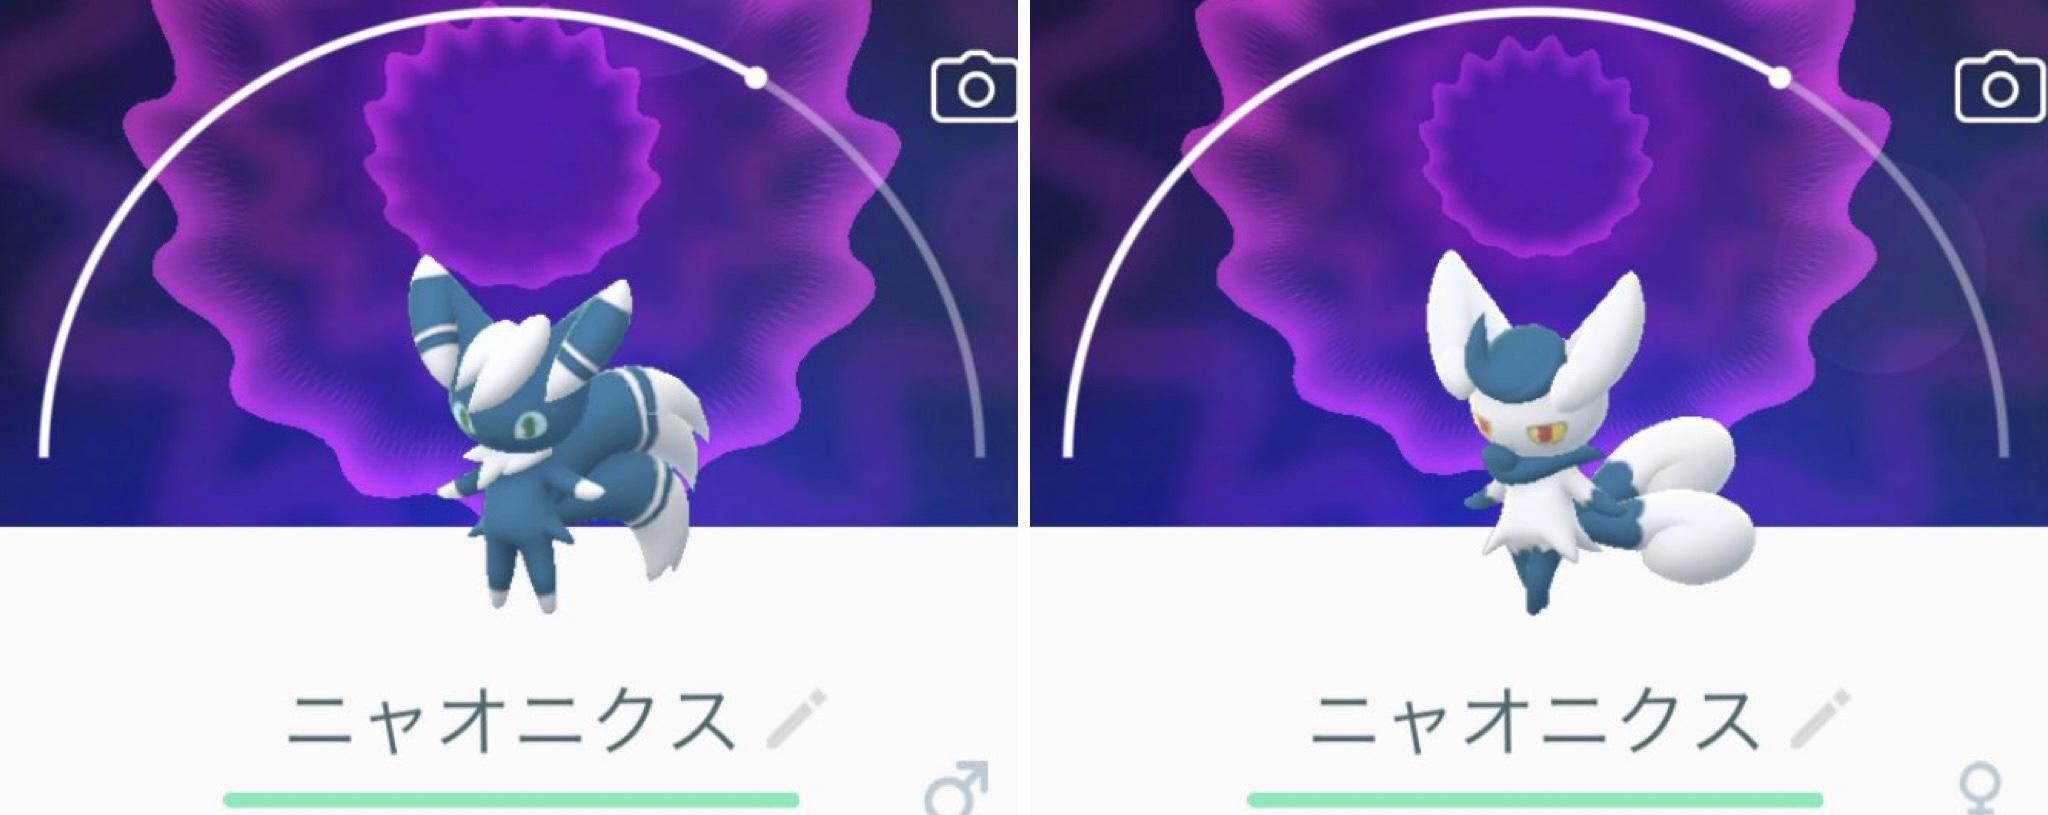 ポケモンGO】第6世代キタ! 実装された「カロス地方」のポケモンまとめ ...